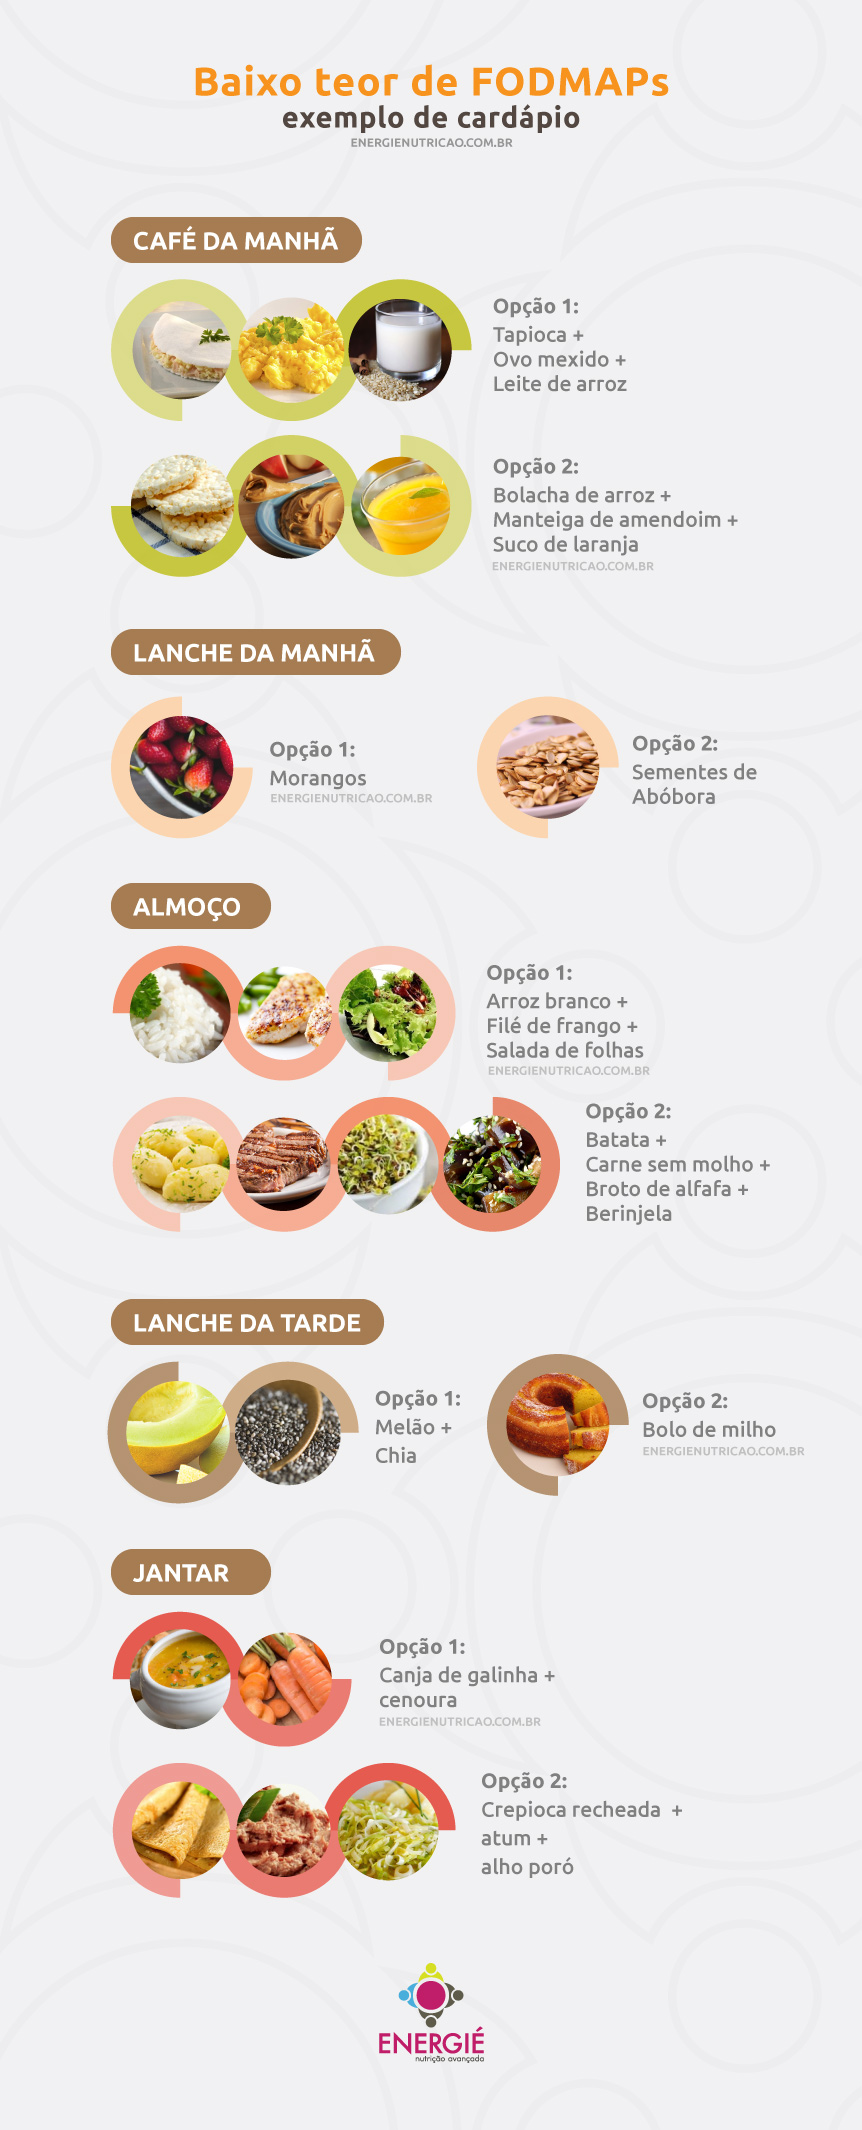 Dieta com baixo teor de FODMAPs - Exemplo de cardápio